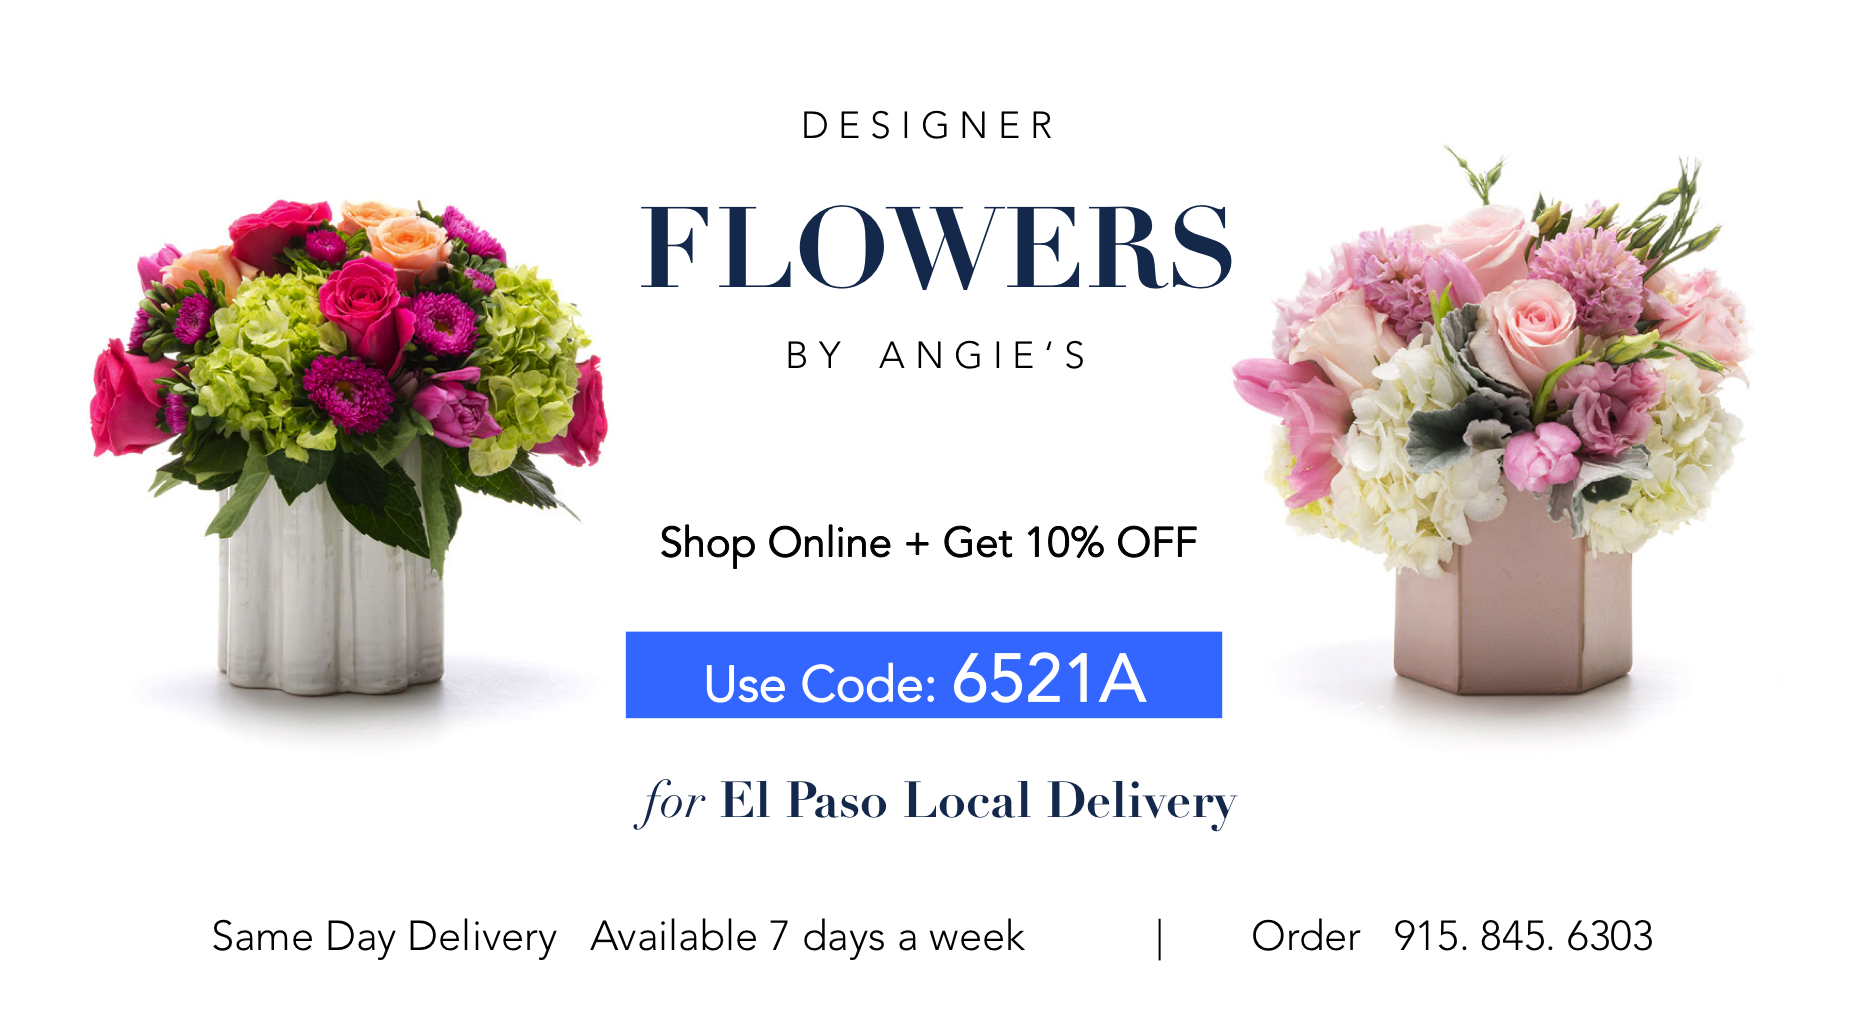 01-angies-1-angies-floral-designs-shop-online-el-paso-delivery-flower-plants-el-paso-florist-flowershop-91579912-el-paso-florist-79912.jpg.png